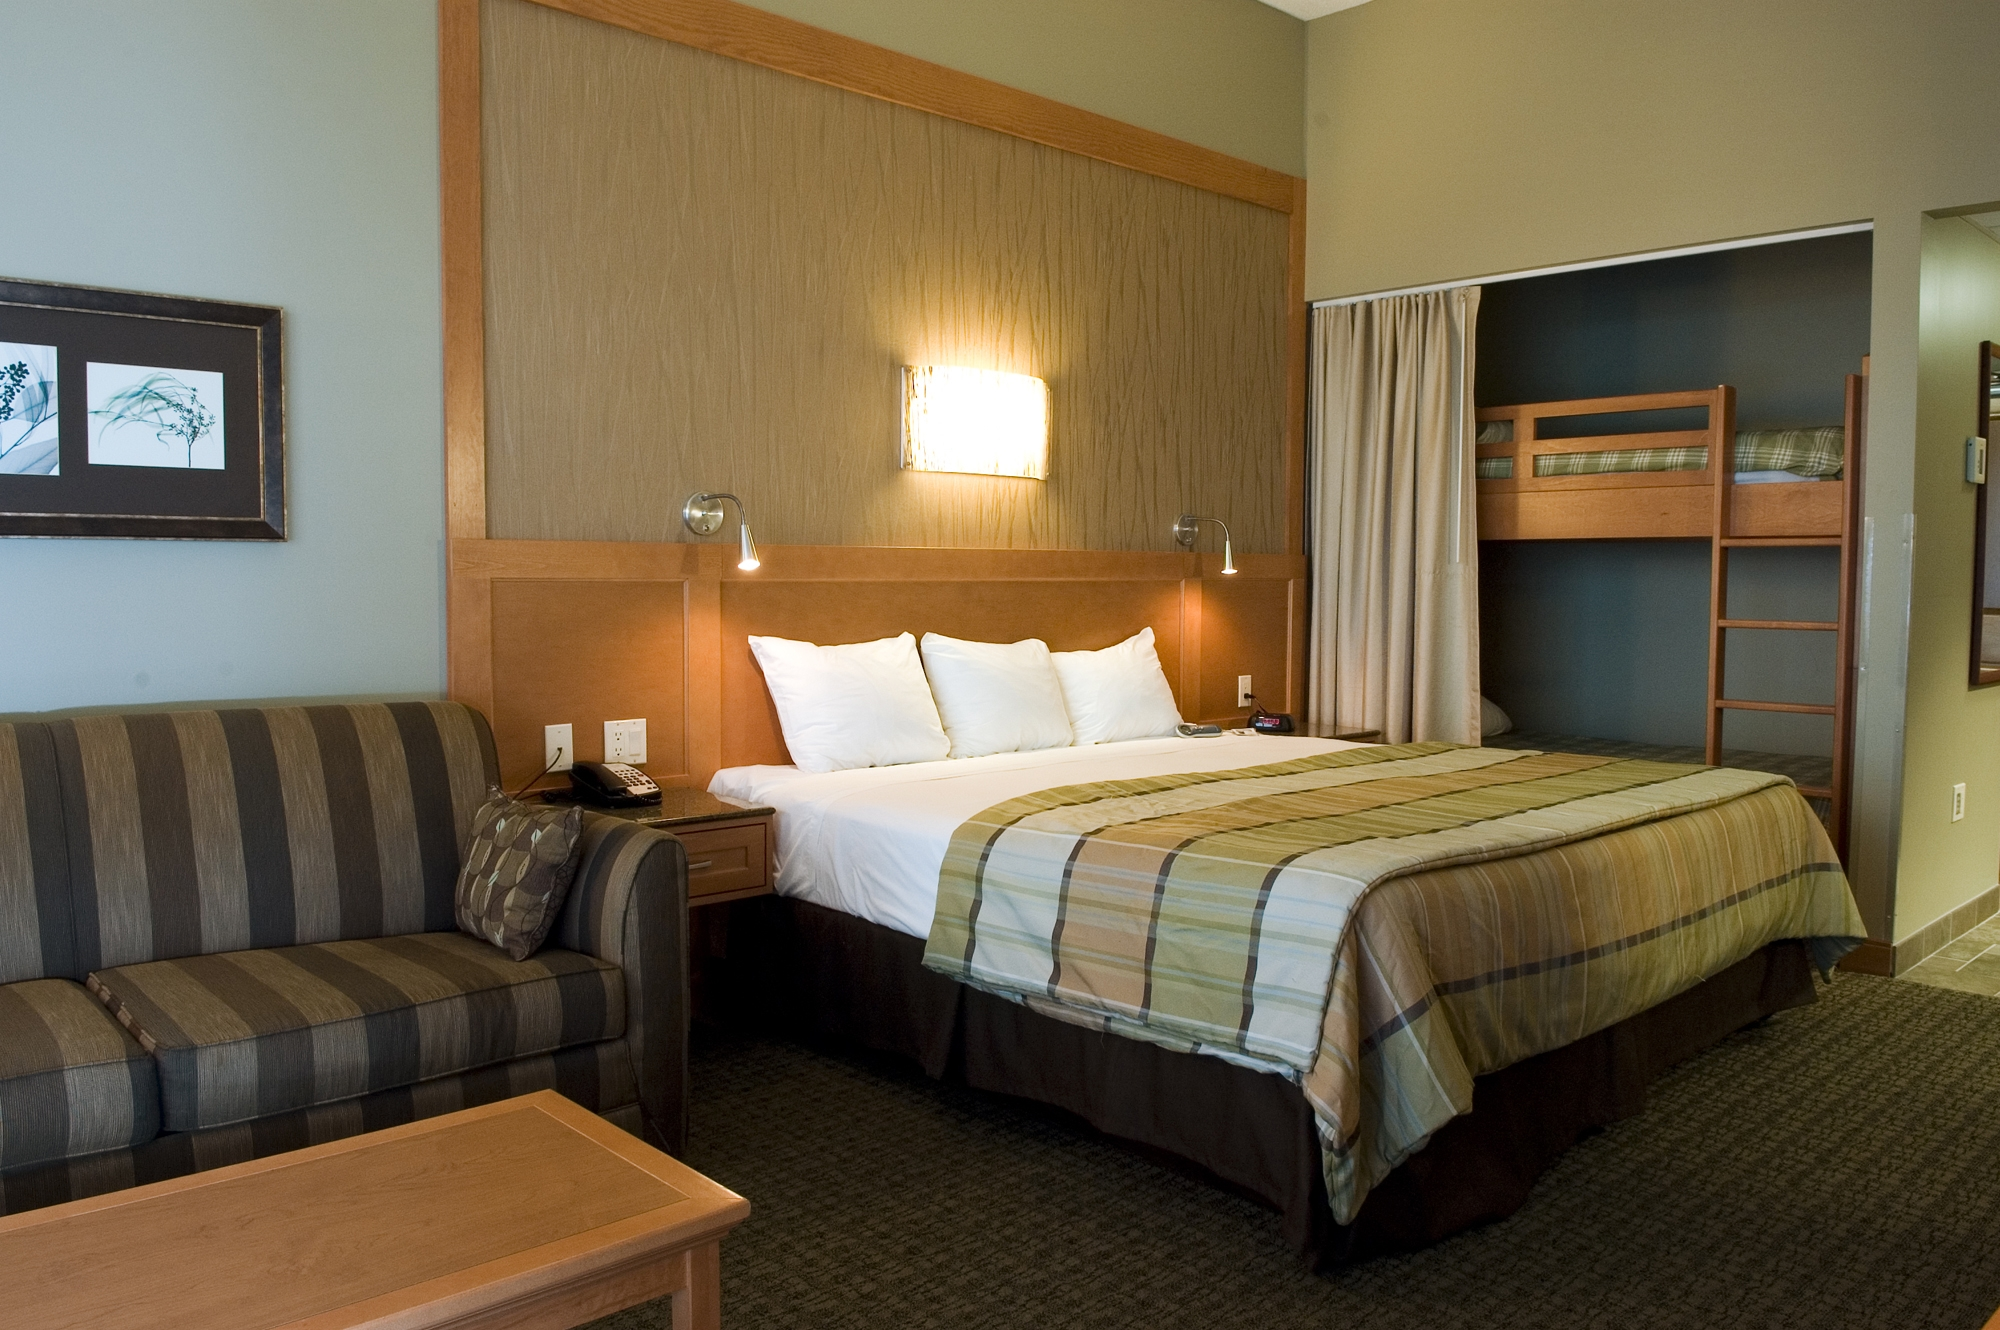 Rejsebureauets beskrivelse af hotelværelset skal være korrekt, ellers har kunden en ofte sikker sag ved en klage til Pakkerejse-Ankenævnet. Pressearkivfoto.